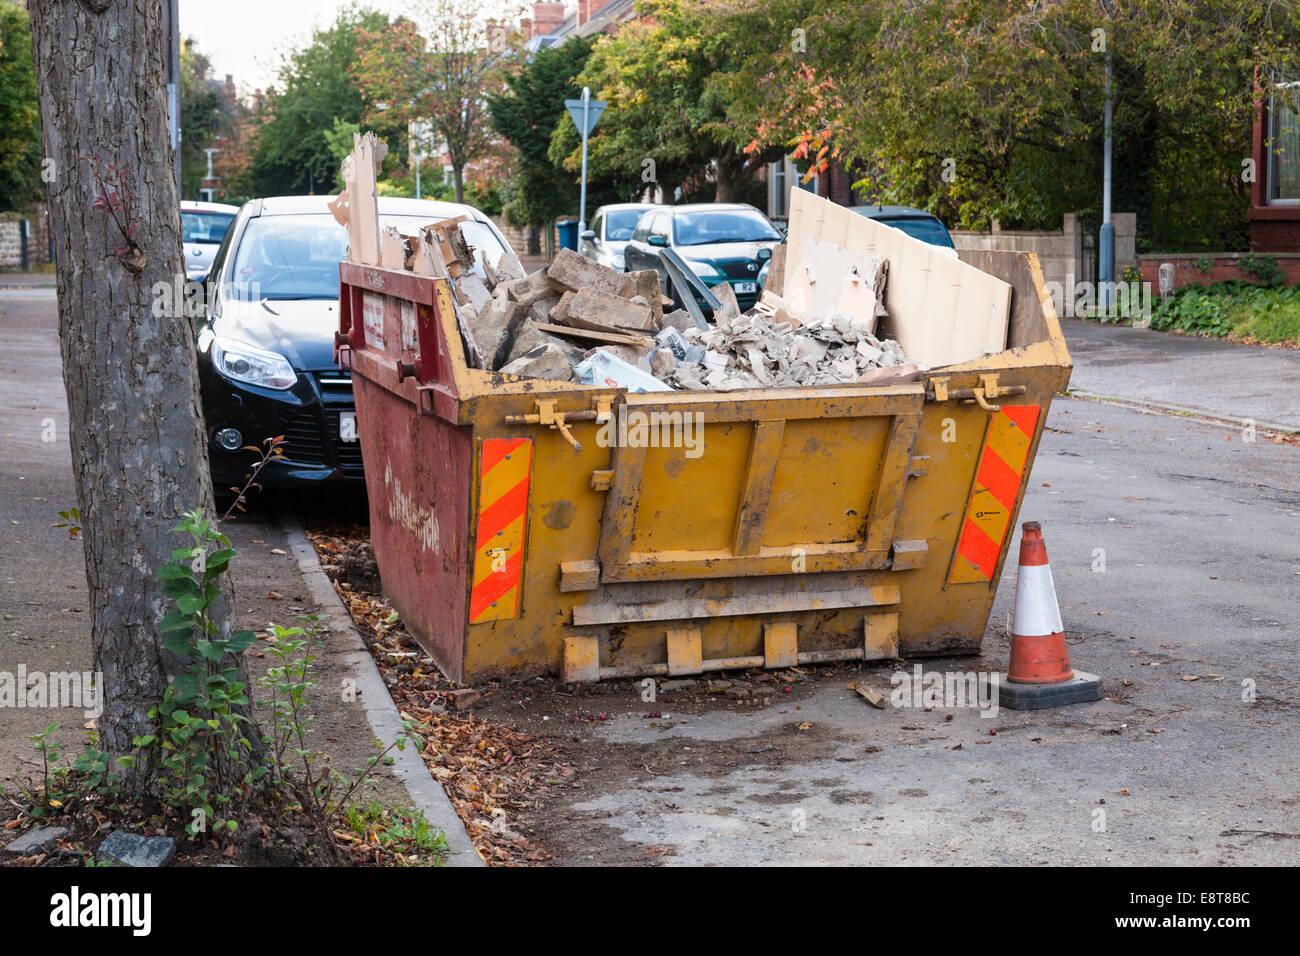 Saltar con residuos del generador en una calle residencial en Nottinghamshire, Inglaterra, Reino Unido. Imagen De Stock